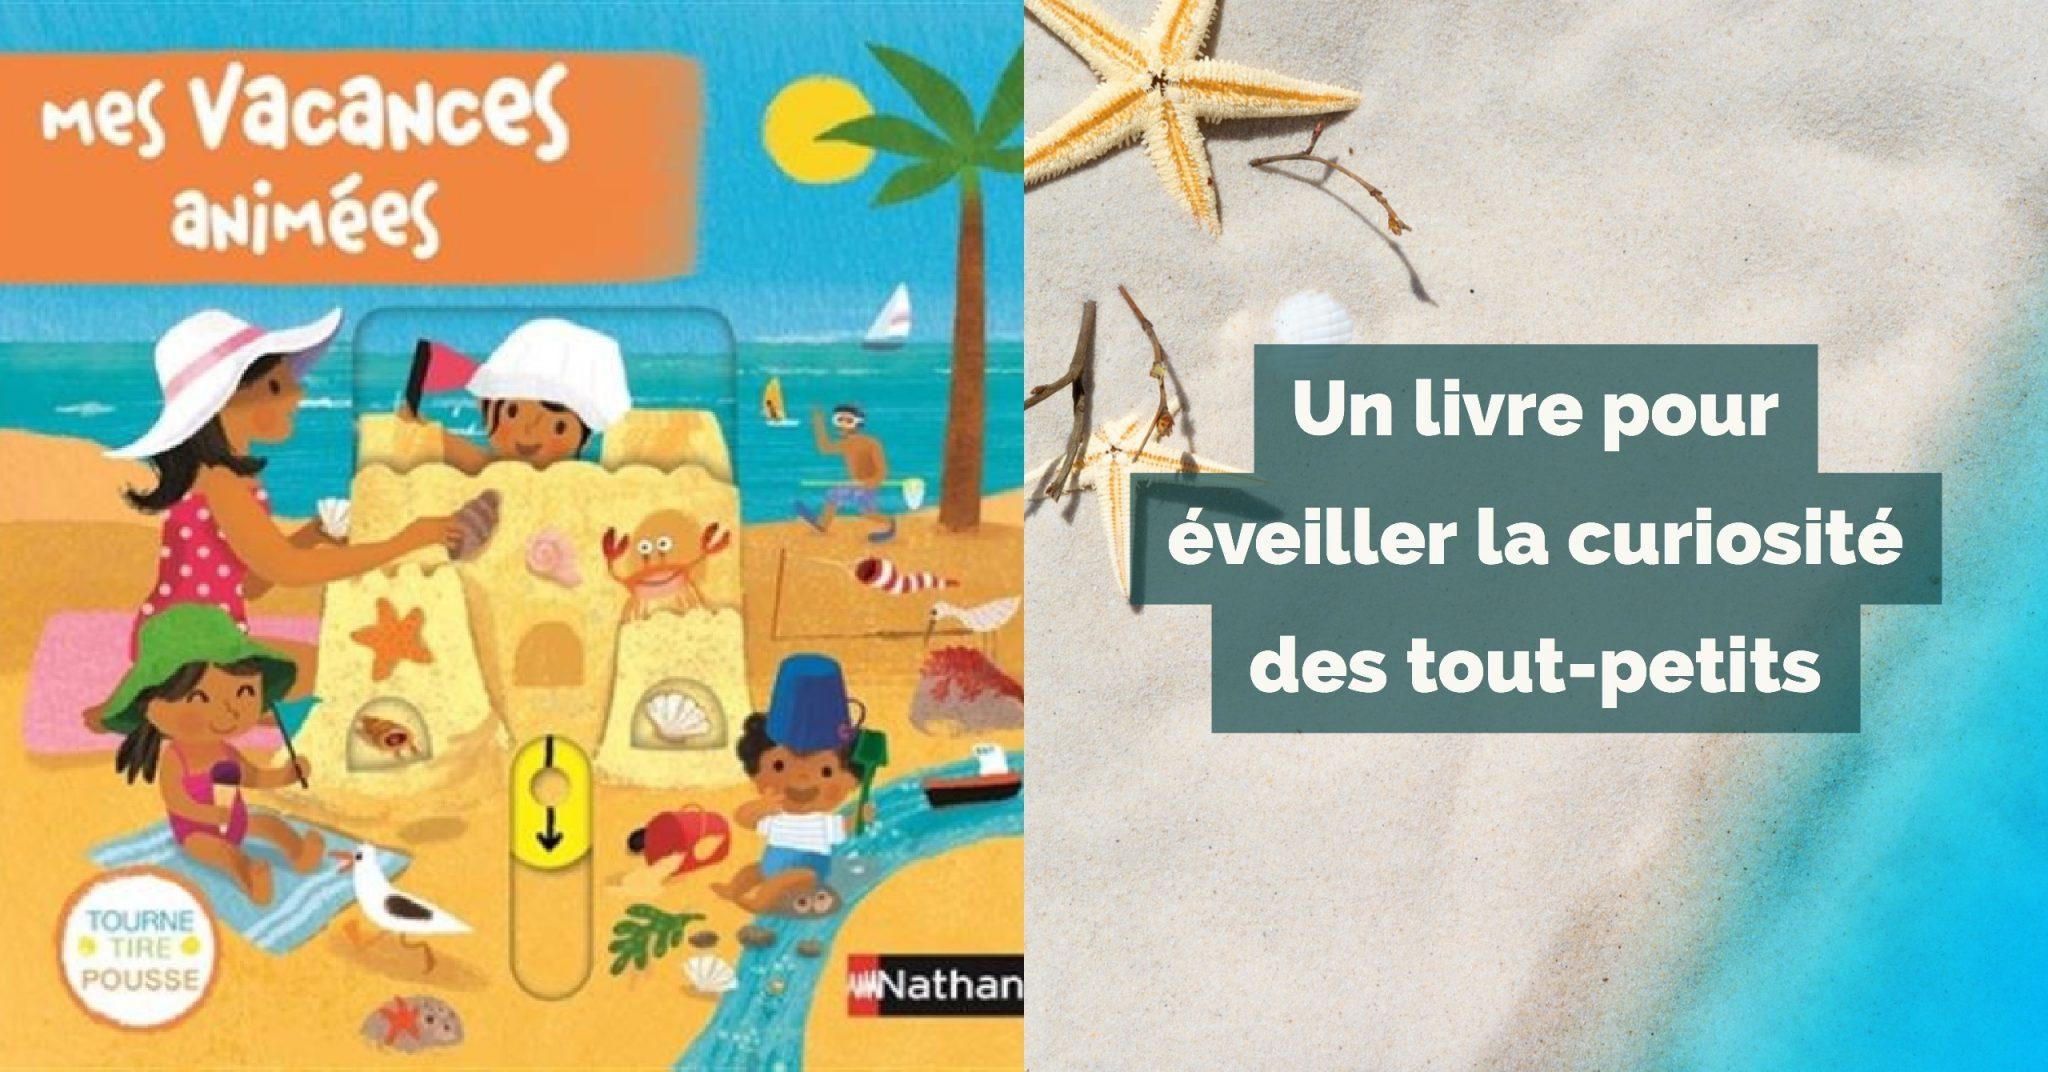 Mes Vacances Animees Un Livre Pour Eveiller La Curiosite